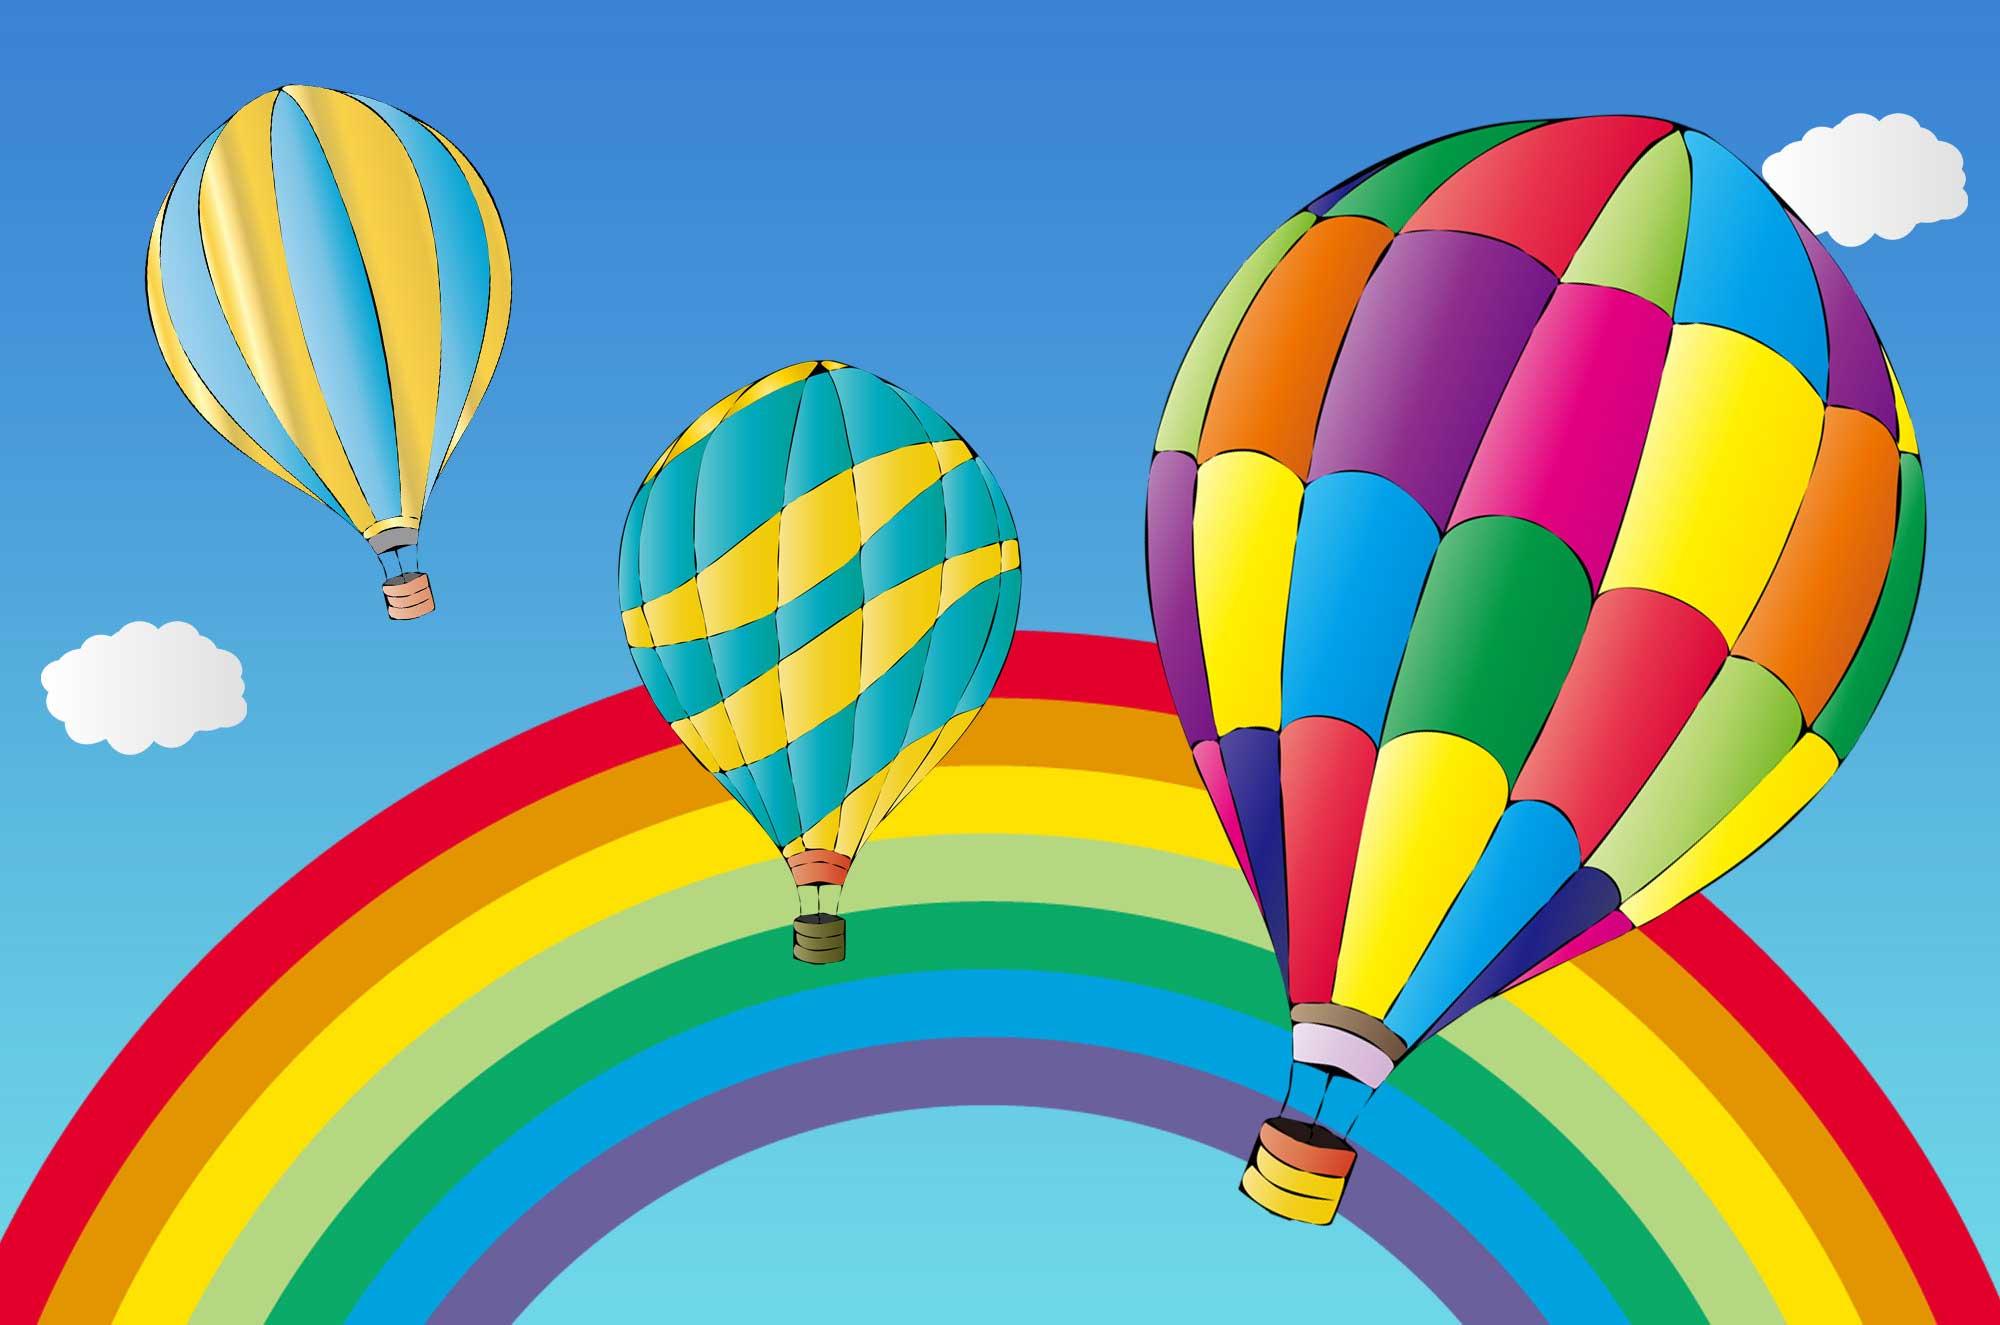 気球イラスト - 可愛い線画とポップな無料素材